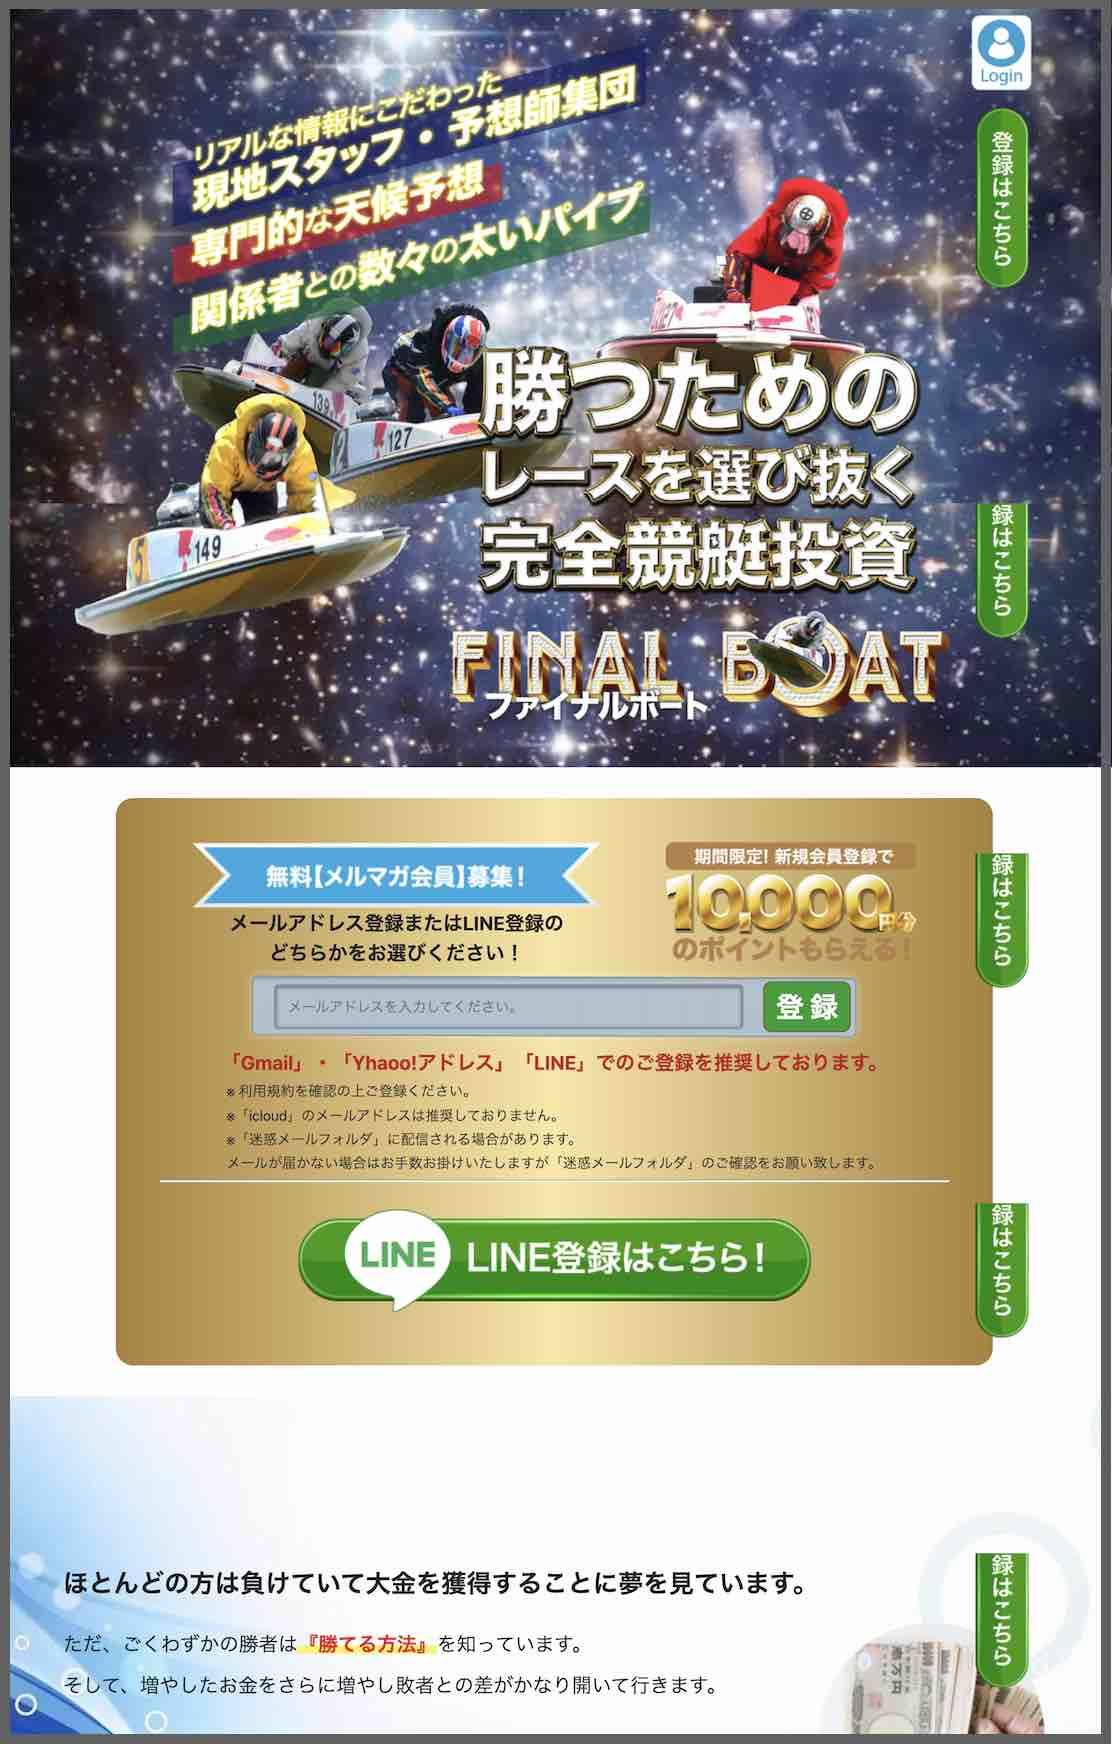 ファイナルボートという競艇予想サイトの非会員ページ